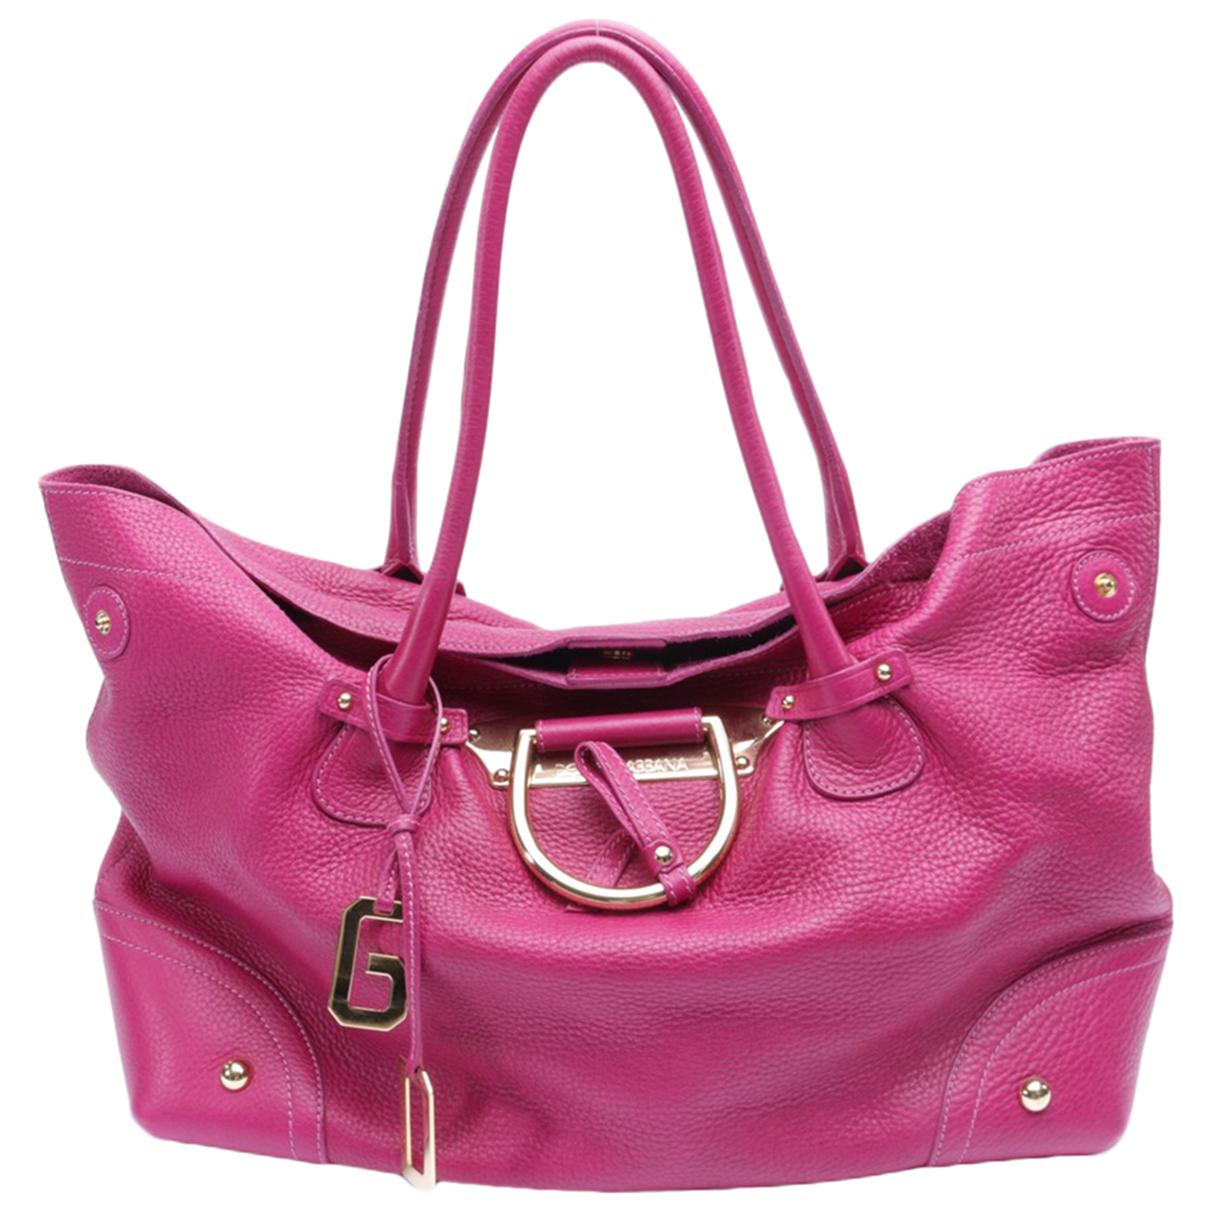 Dolce & Gabbana - Sac a main   pour femme en cuir - violet